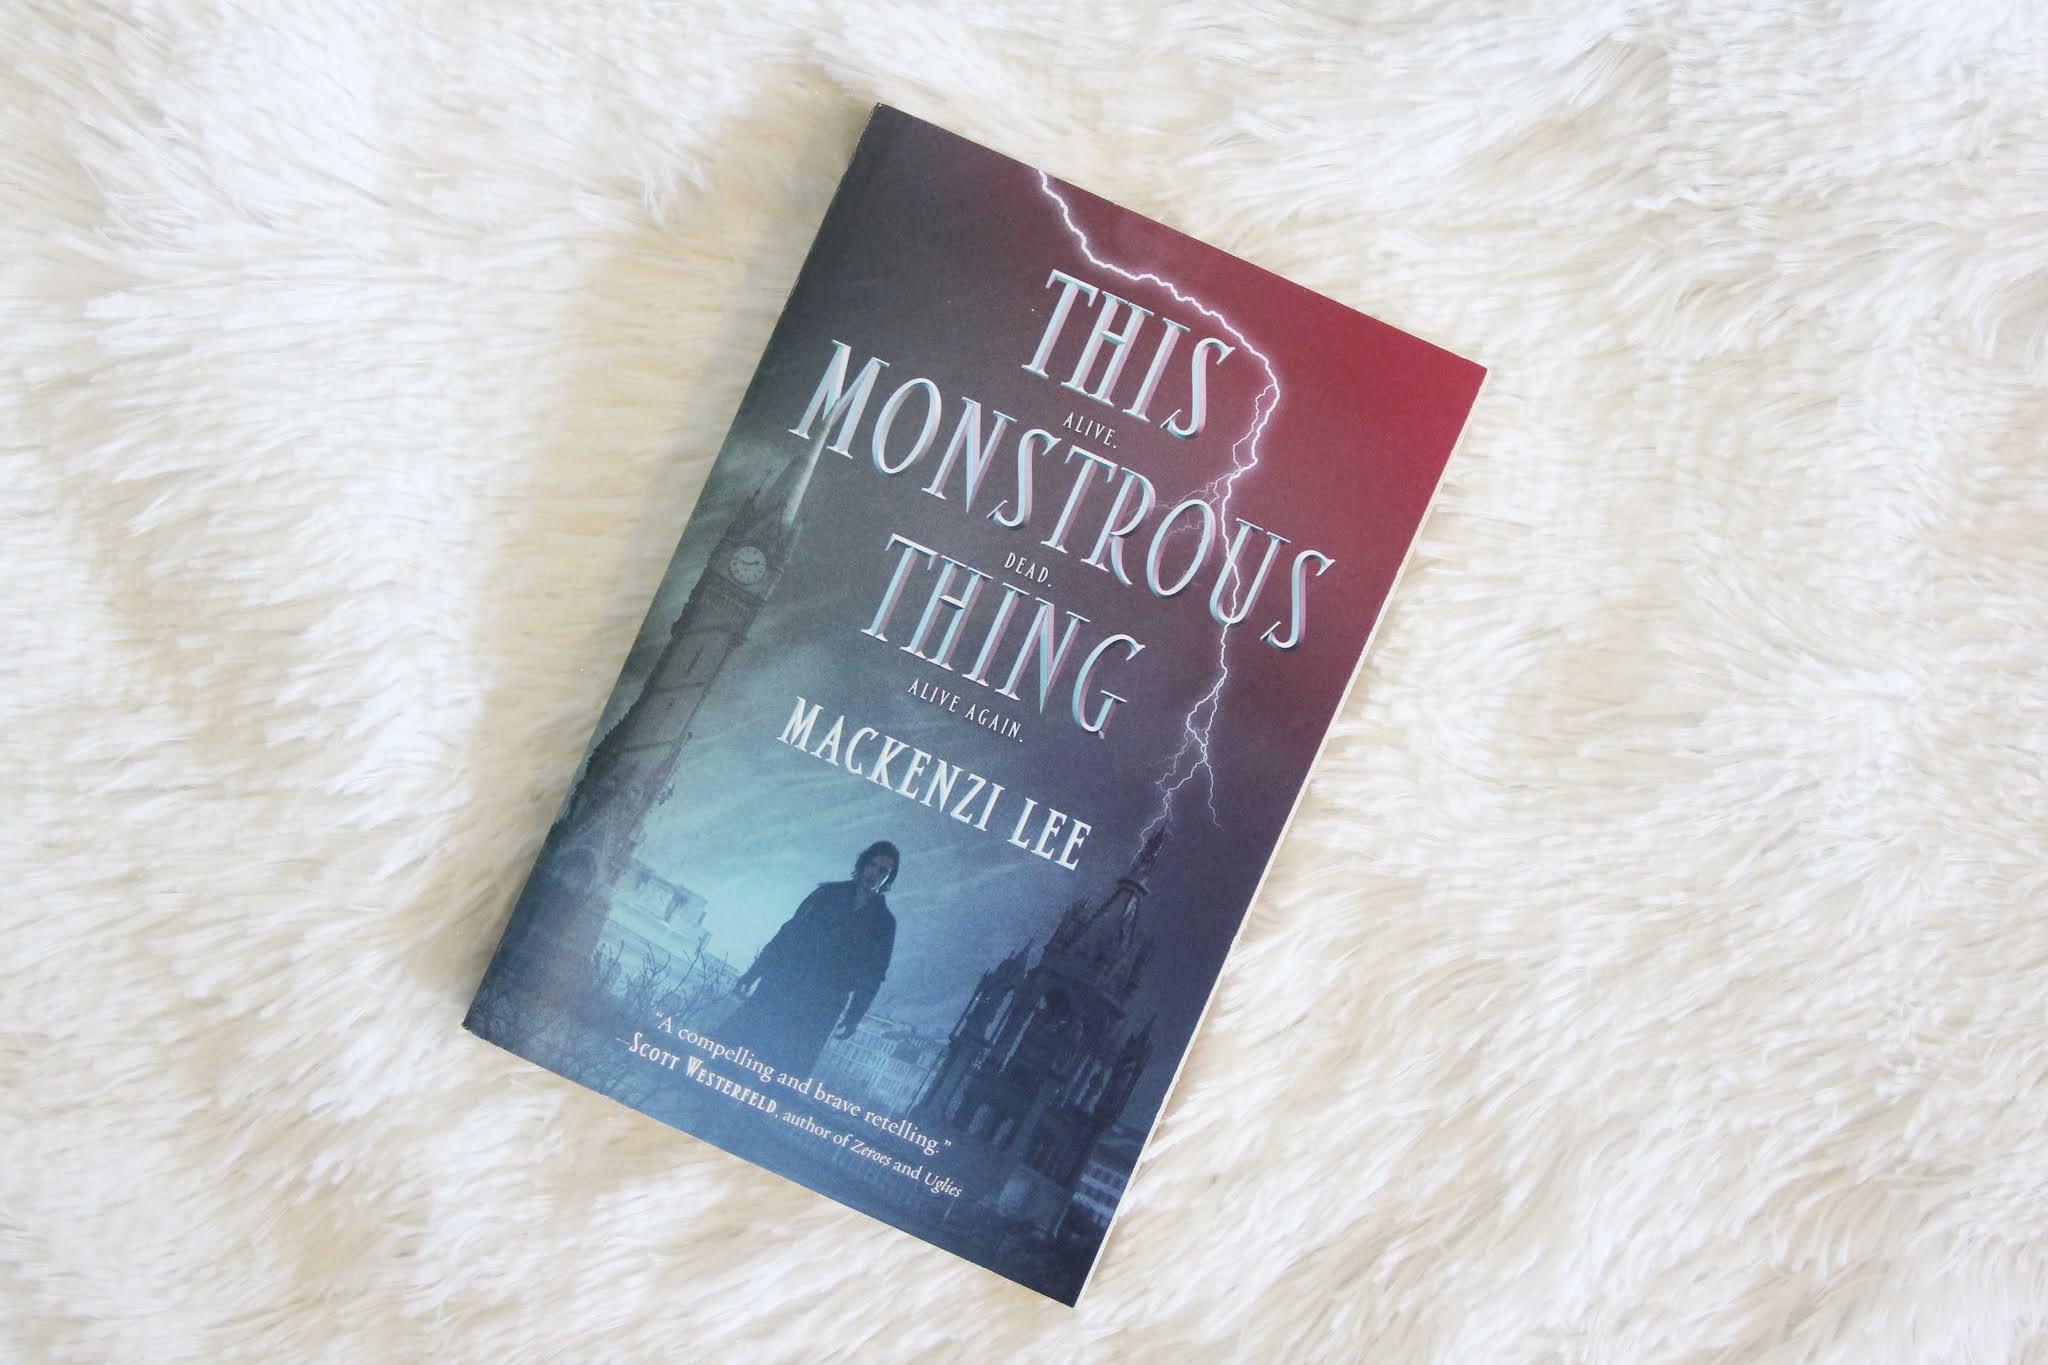 This Monstrous Thing by Mackenzi Lee. Book lying on white fluffy blanket. Blogger's Bookshelf.